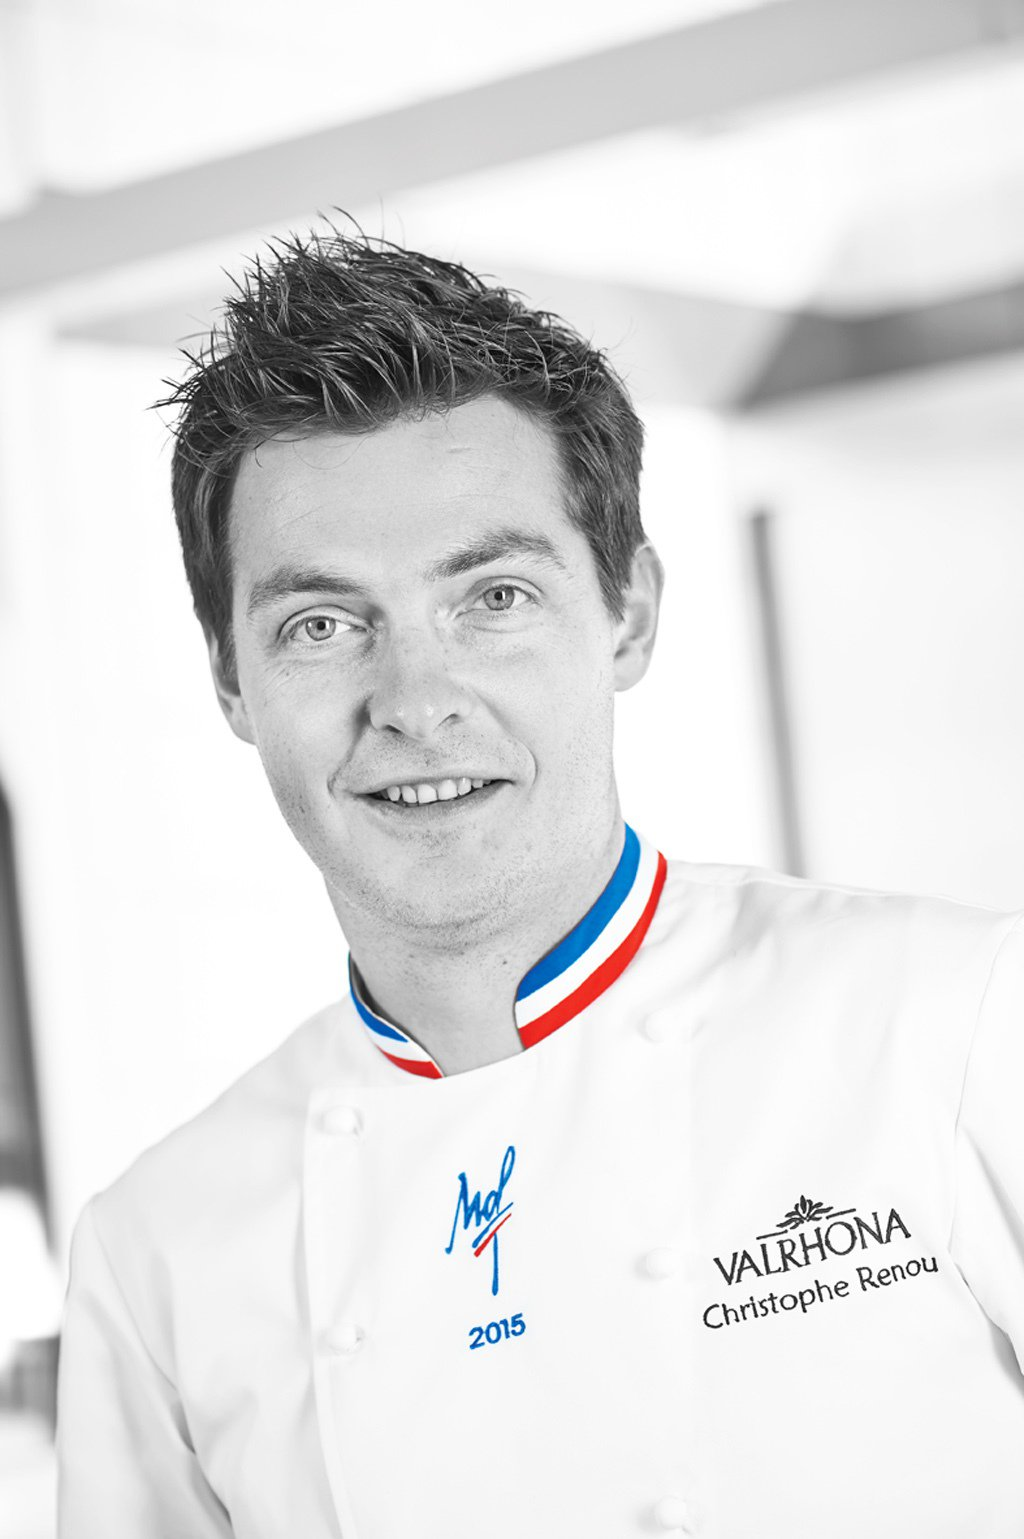 獲得MOF最佳甜點師的克里斯多弗‧何努(Christophe Renou)。圖/...